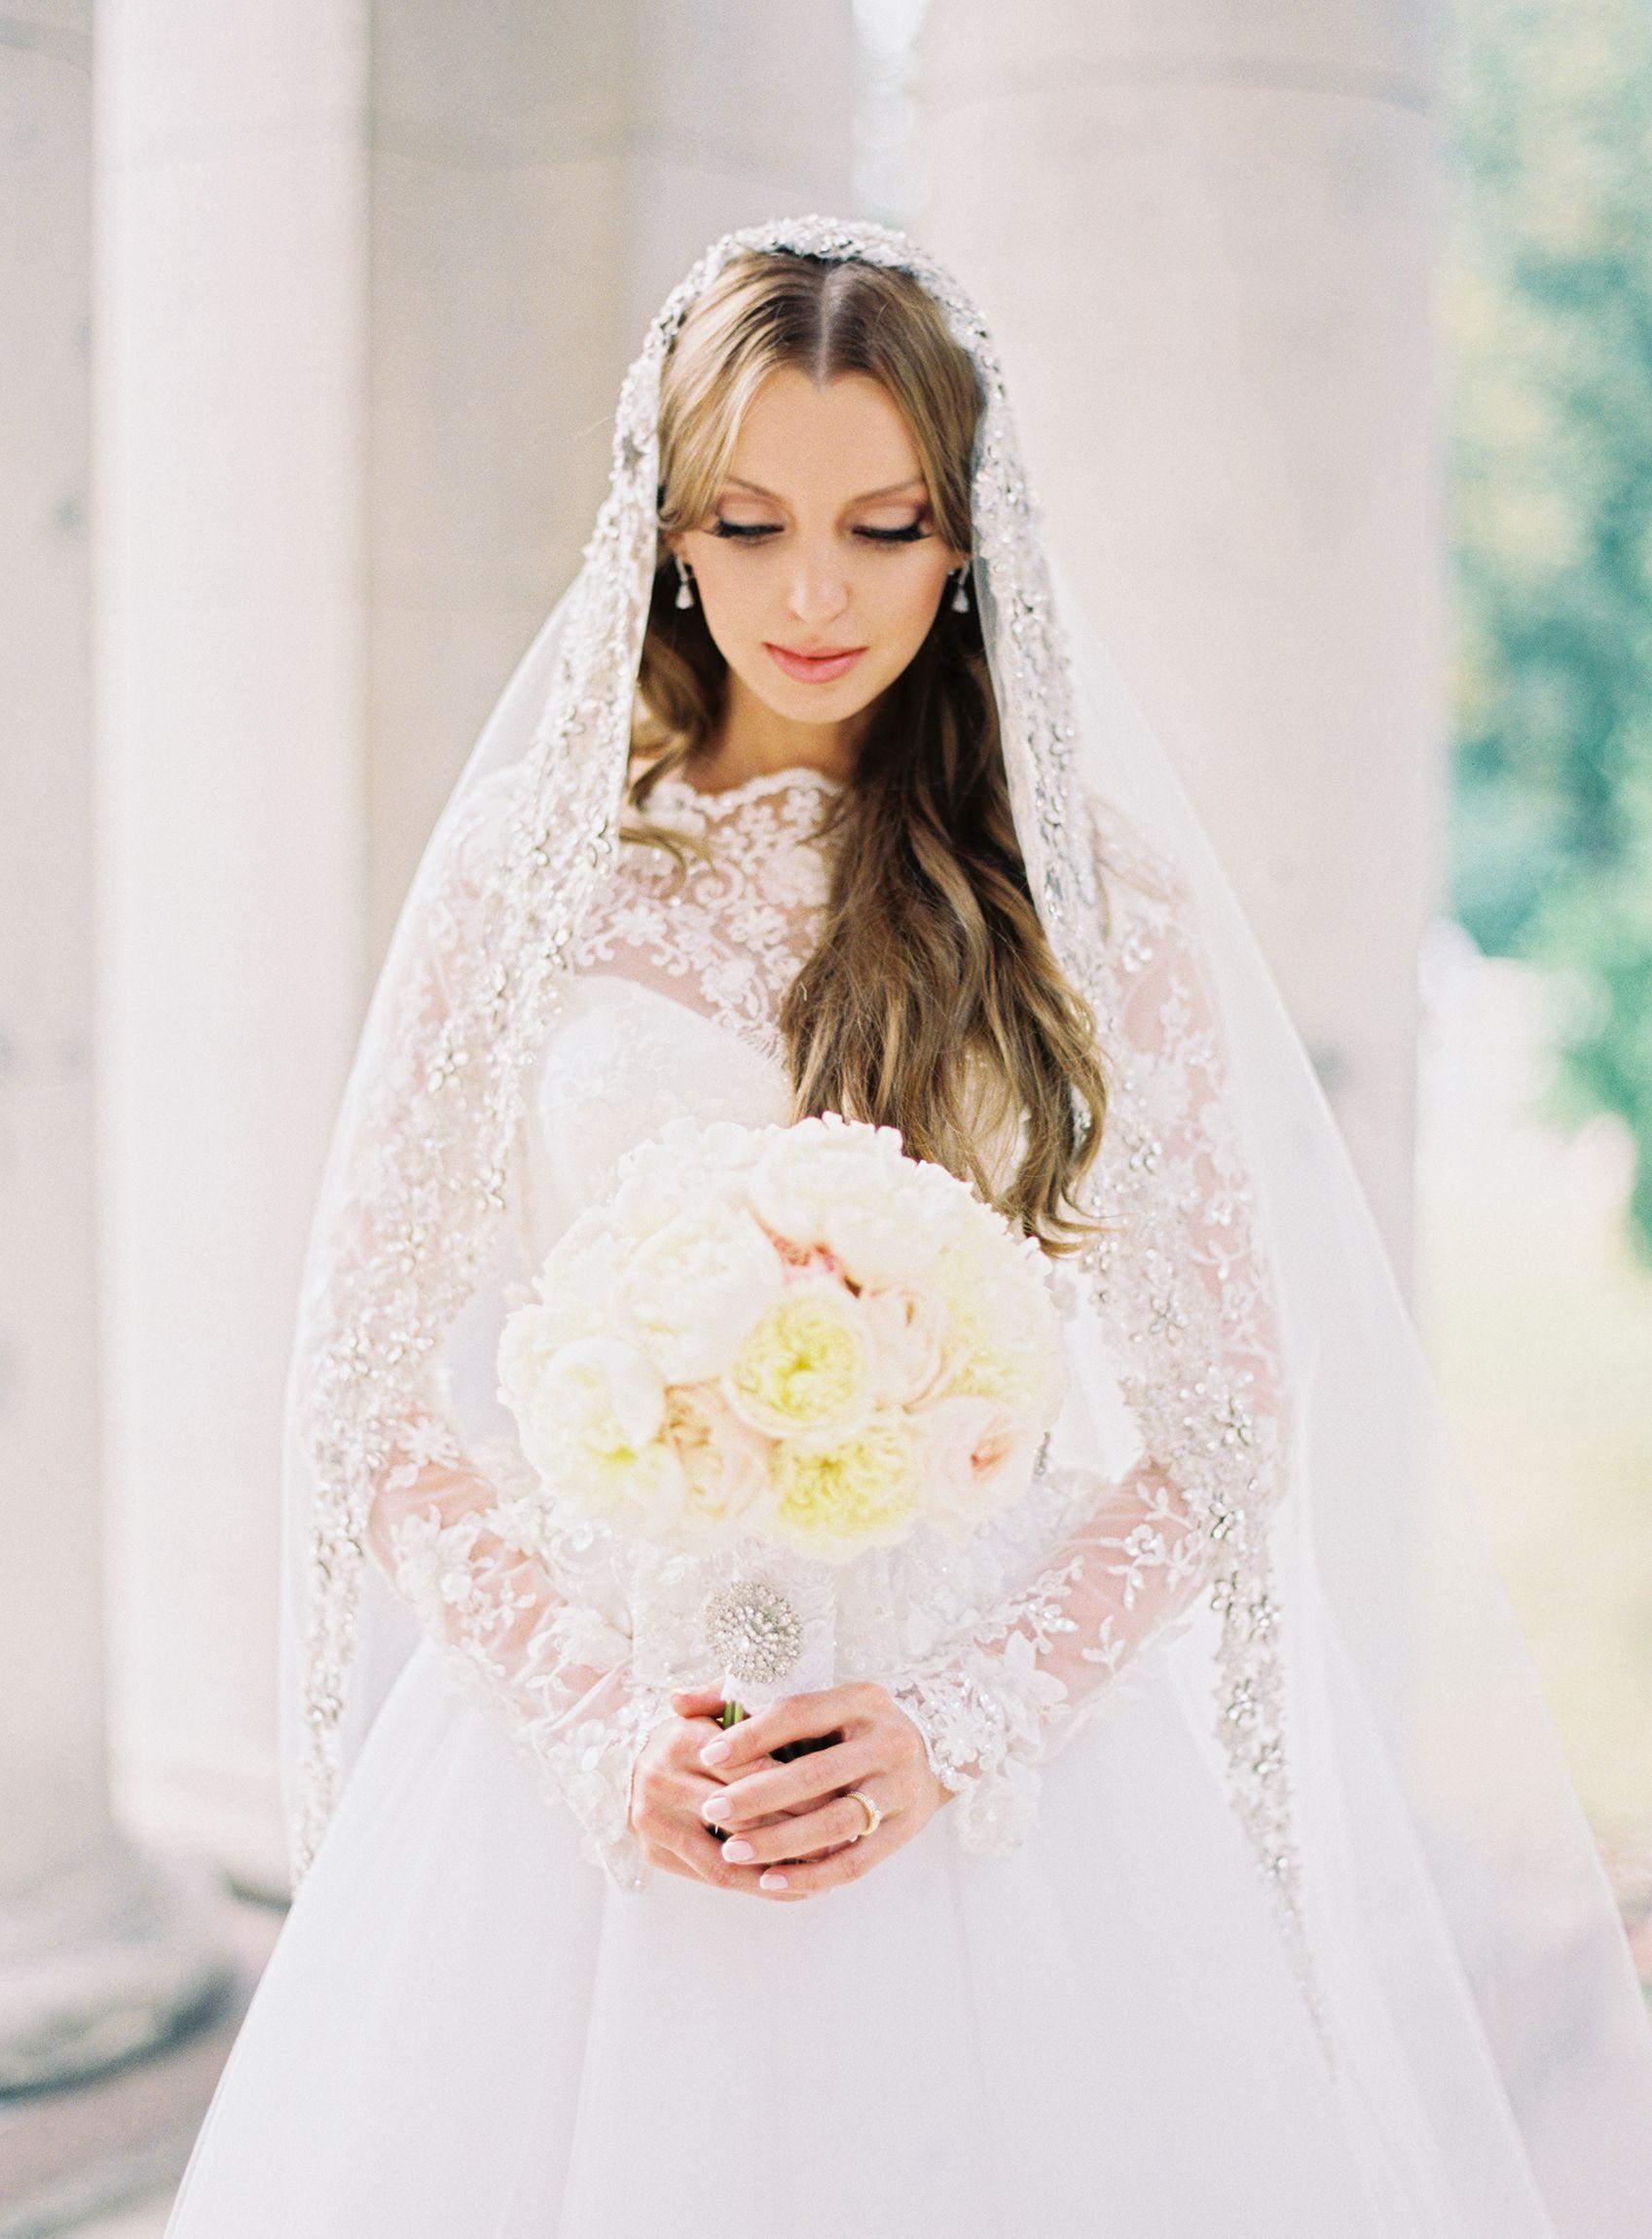 High Fashion Russian Wedding   Russian wedding, Wedding dress and ...